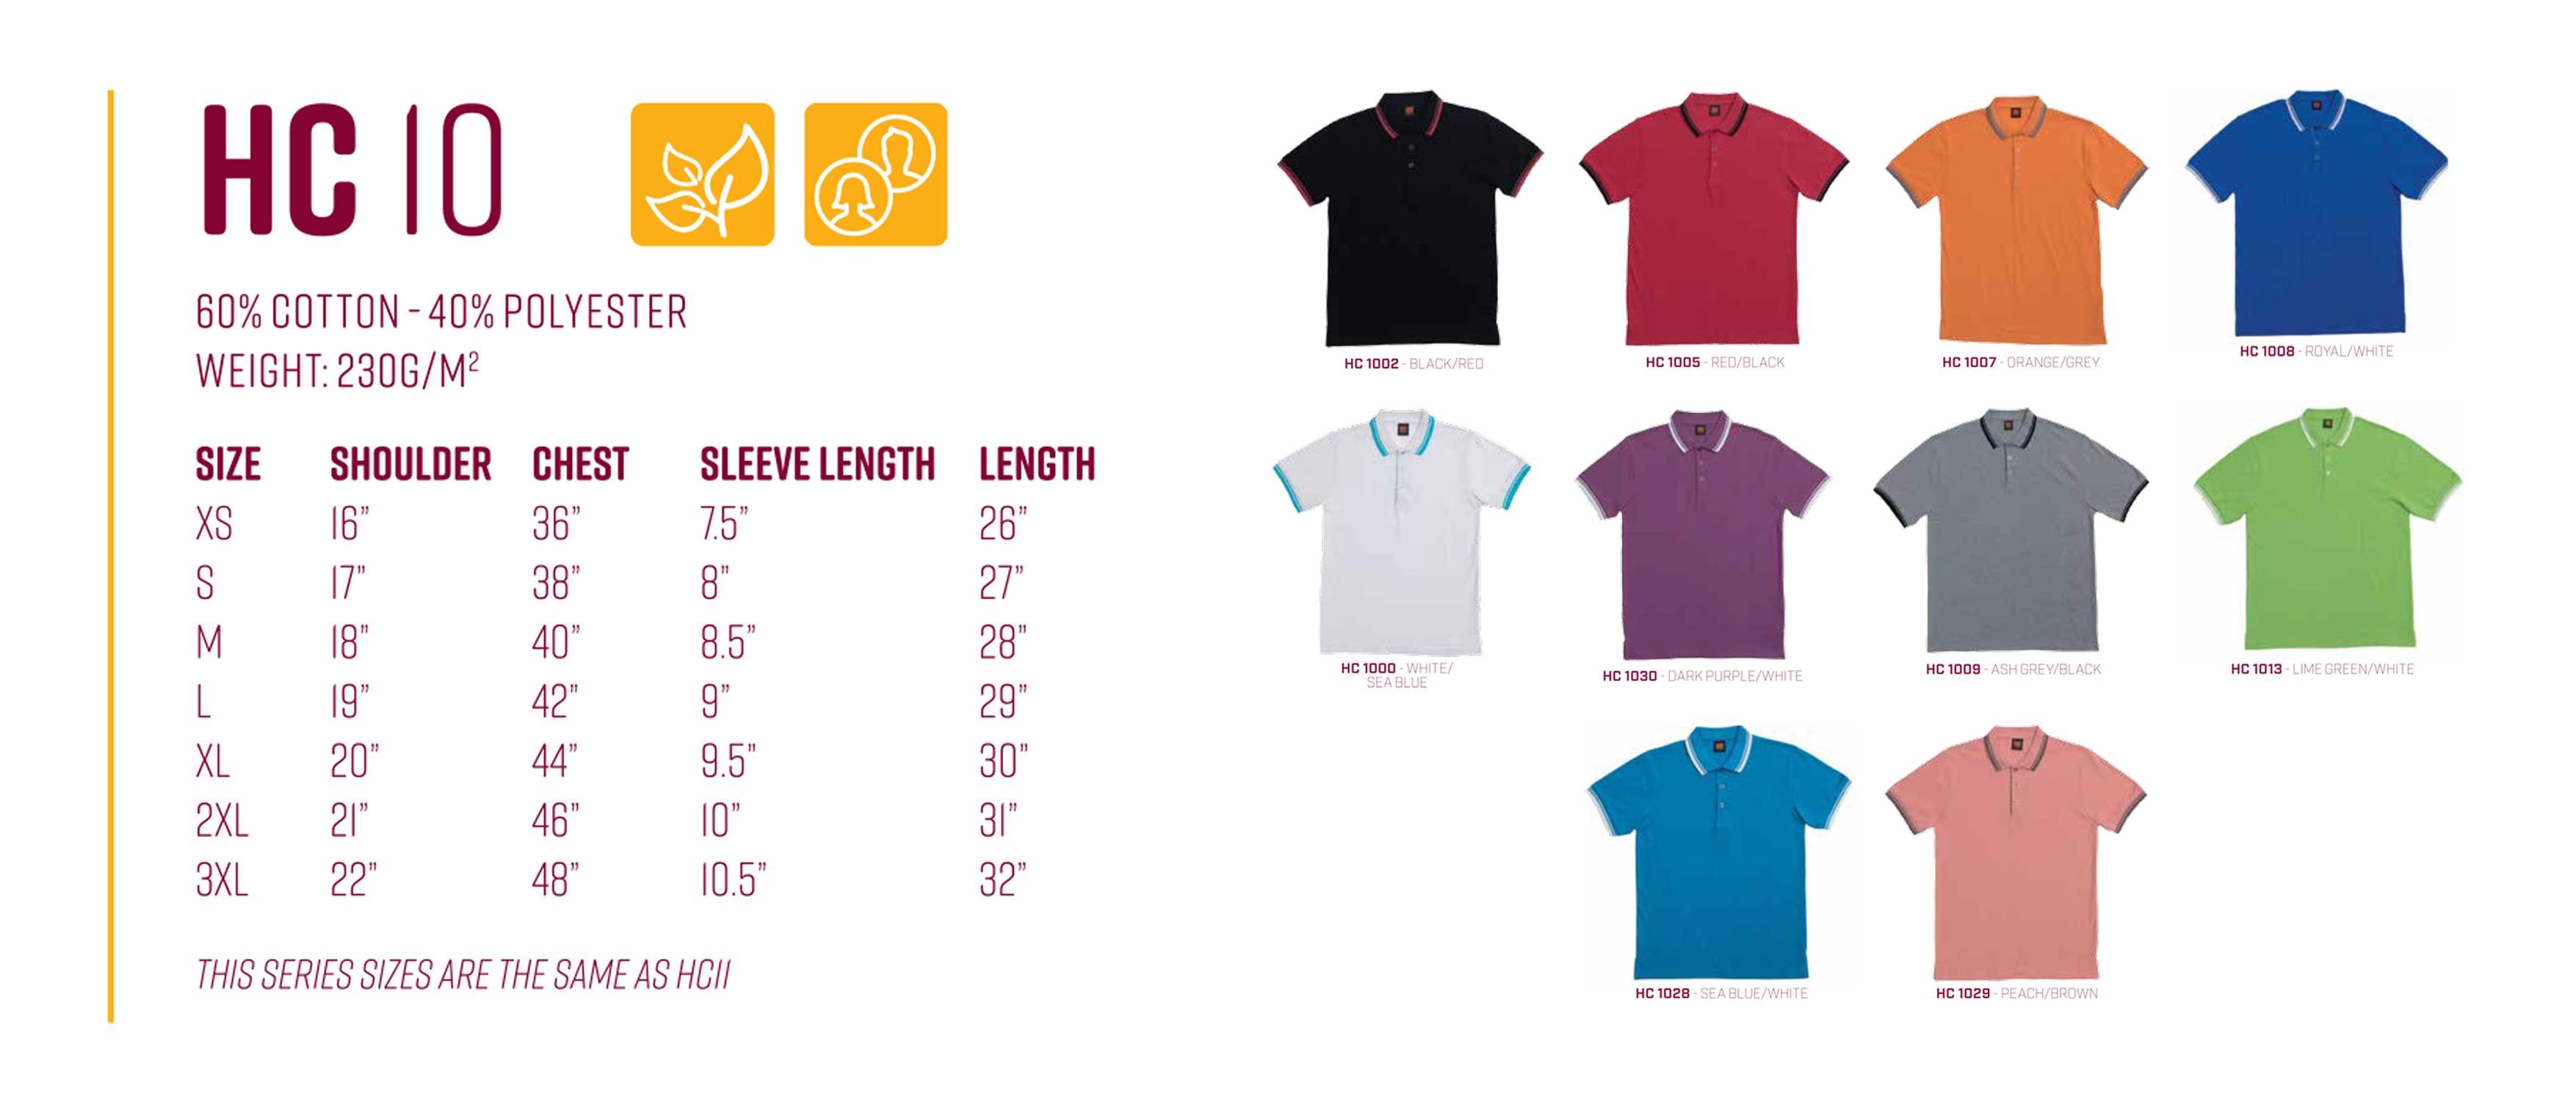 5c8ec1bb Polo Shirt Design Singapore - DREAMWORKS